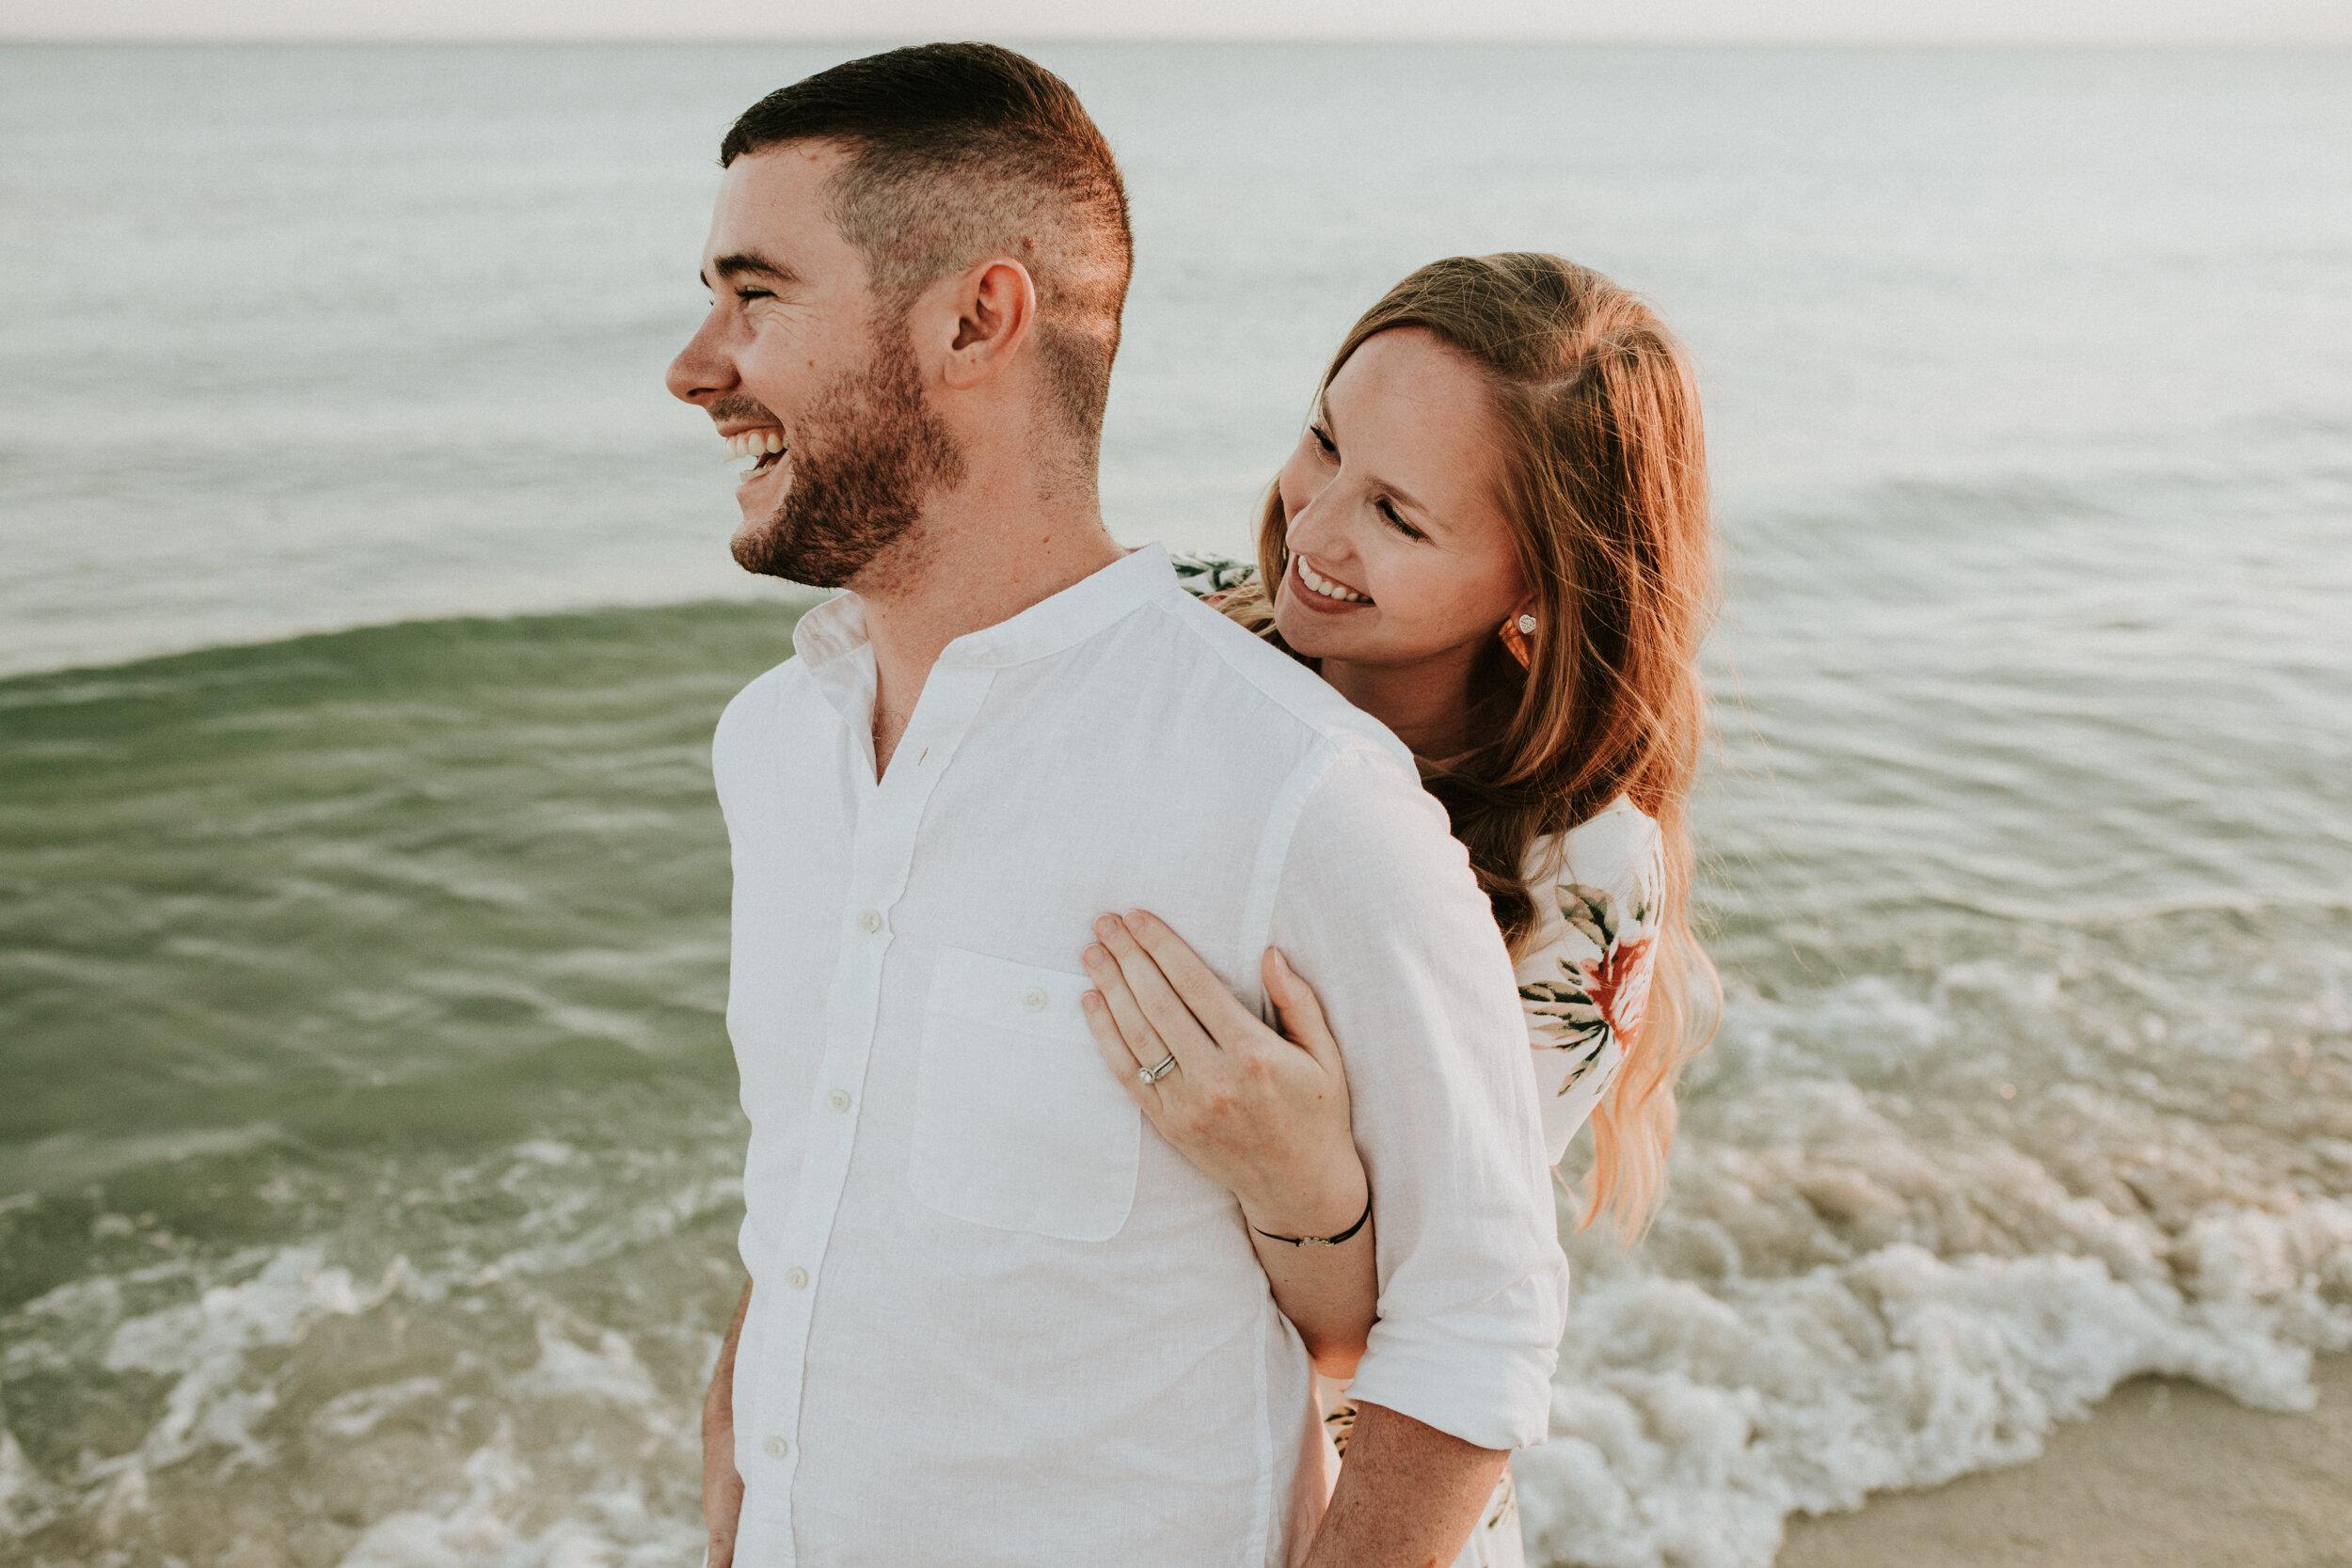 30a_Panama_City_Beach_Florida_Maternity_Couples_Beach_Photographer-1.jpg